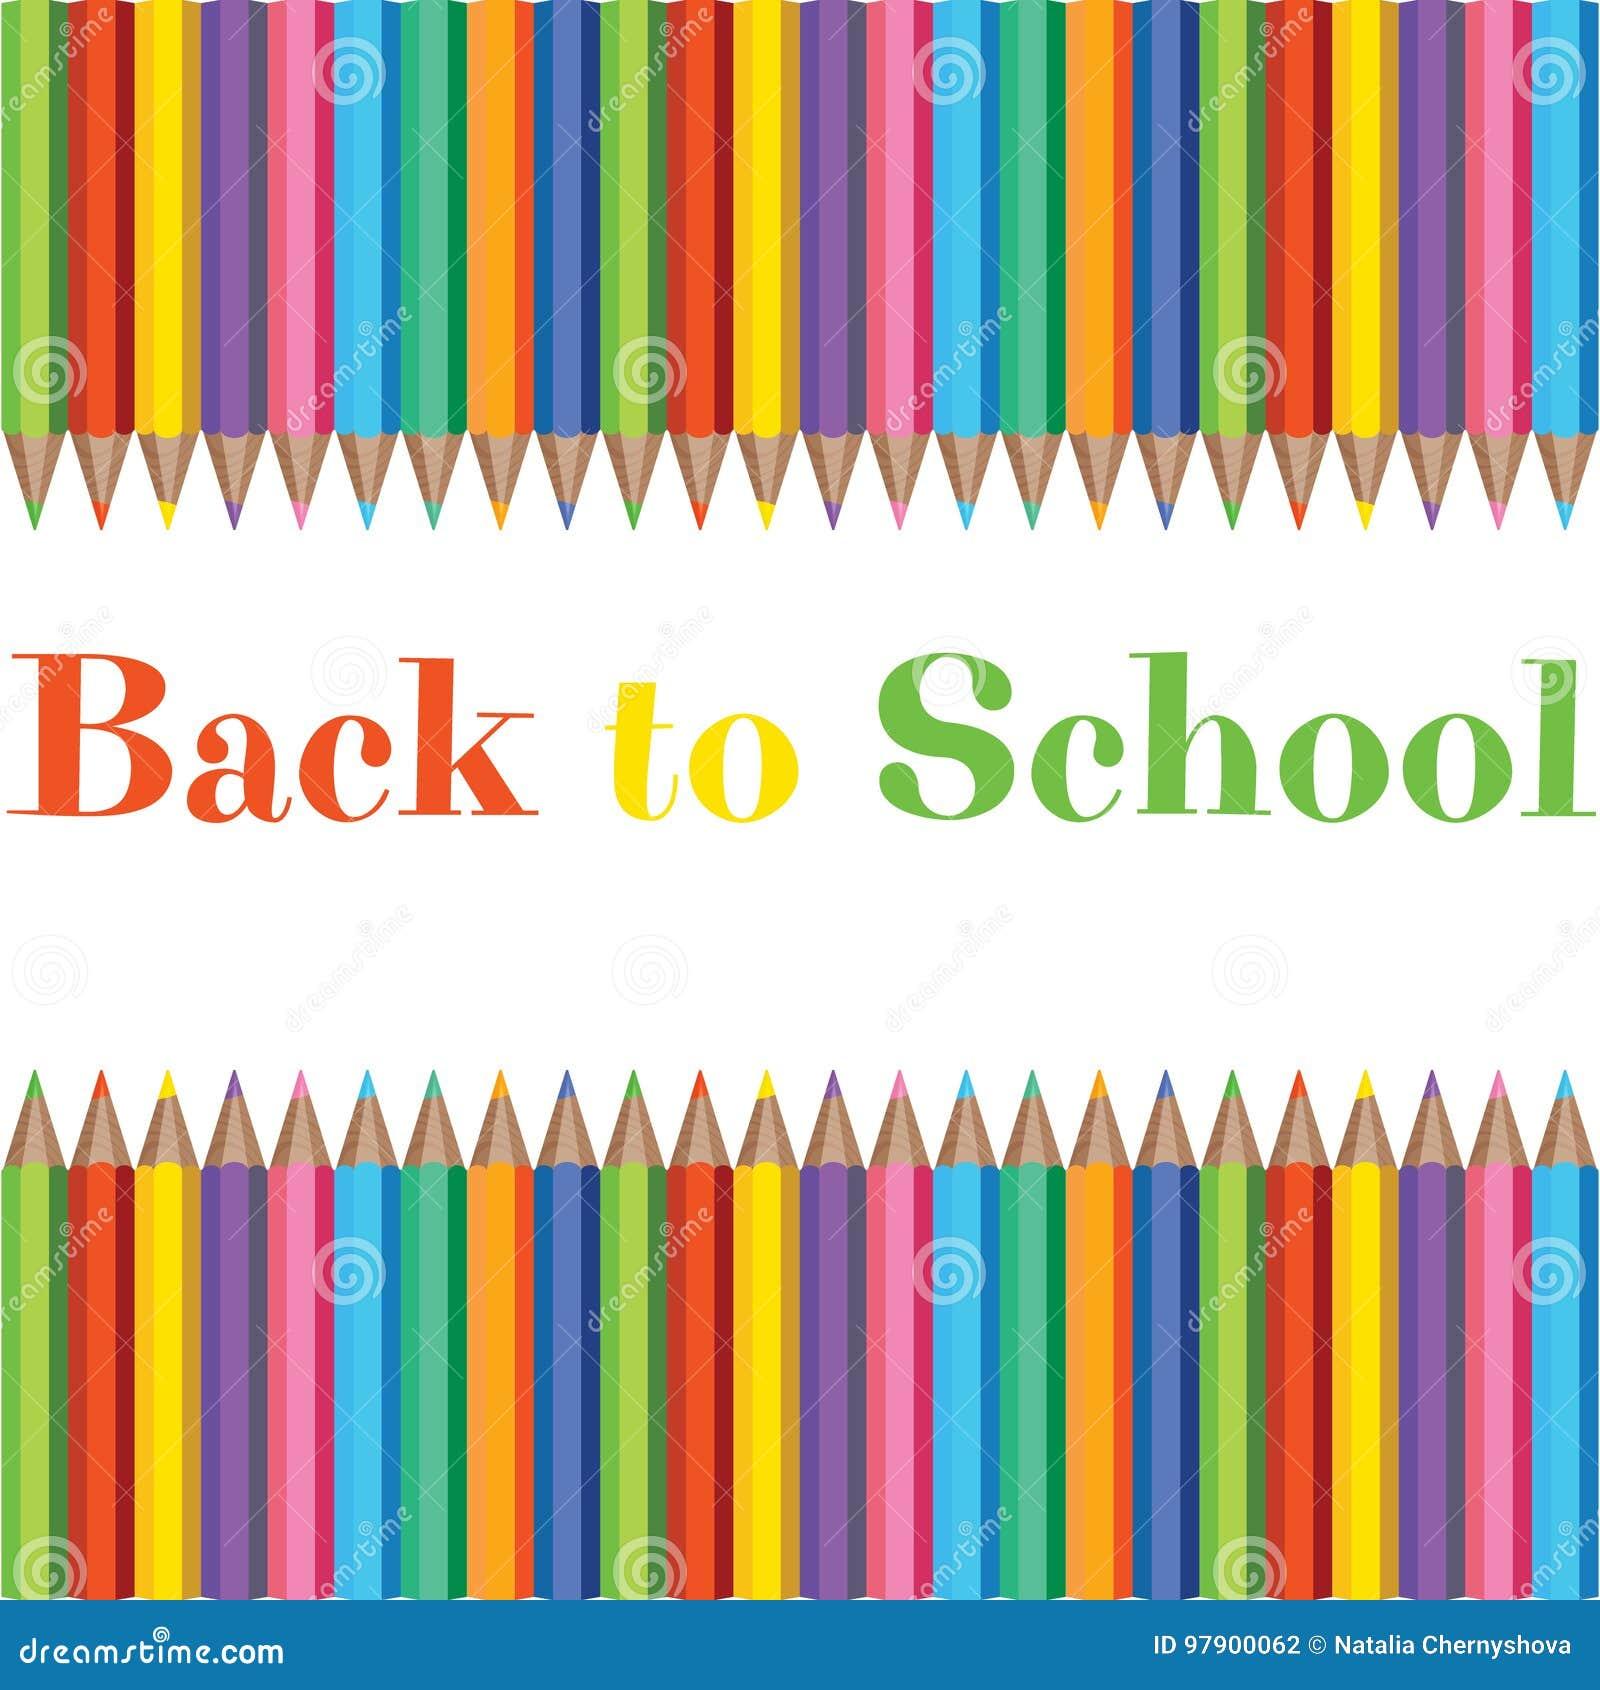 Uppsättning av realistiska färgrika blyertspennor i bakgrund med textur för tillbaka till skolan med utrymme för meddelande